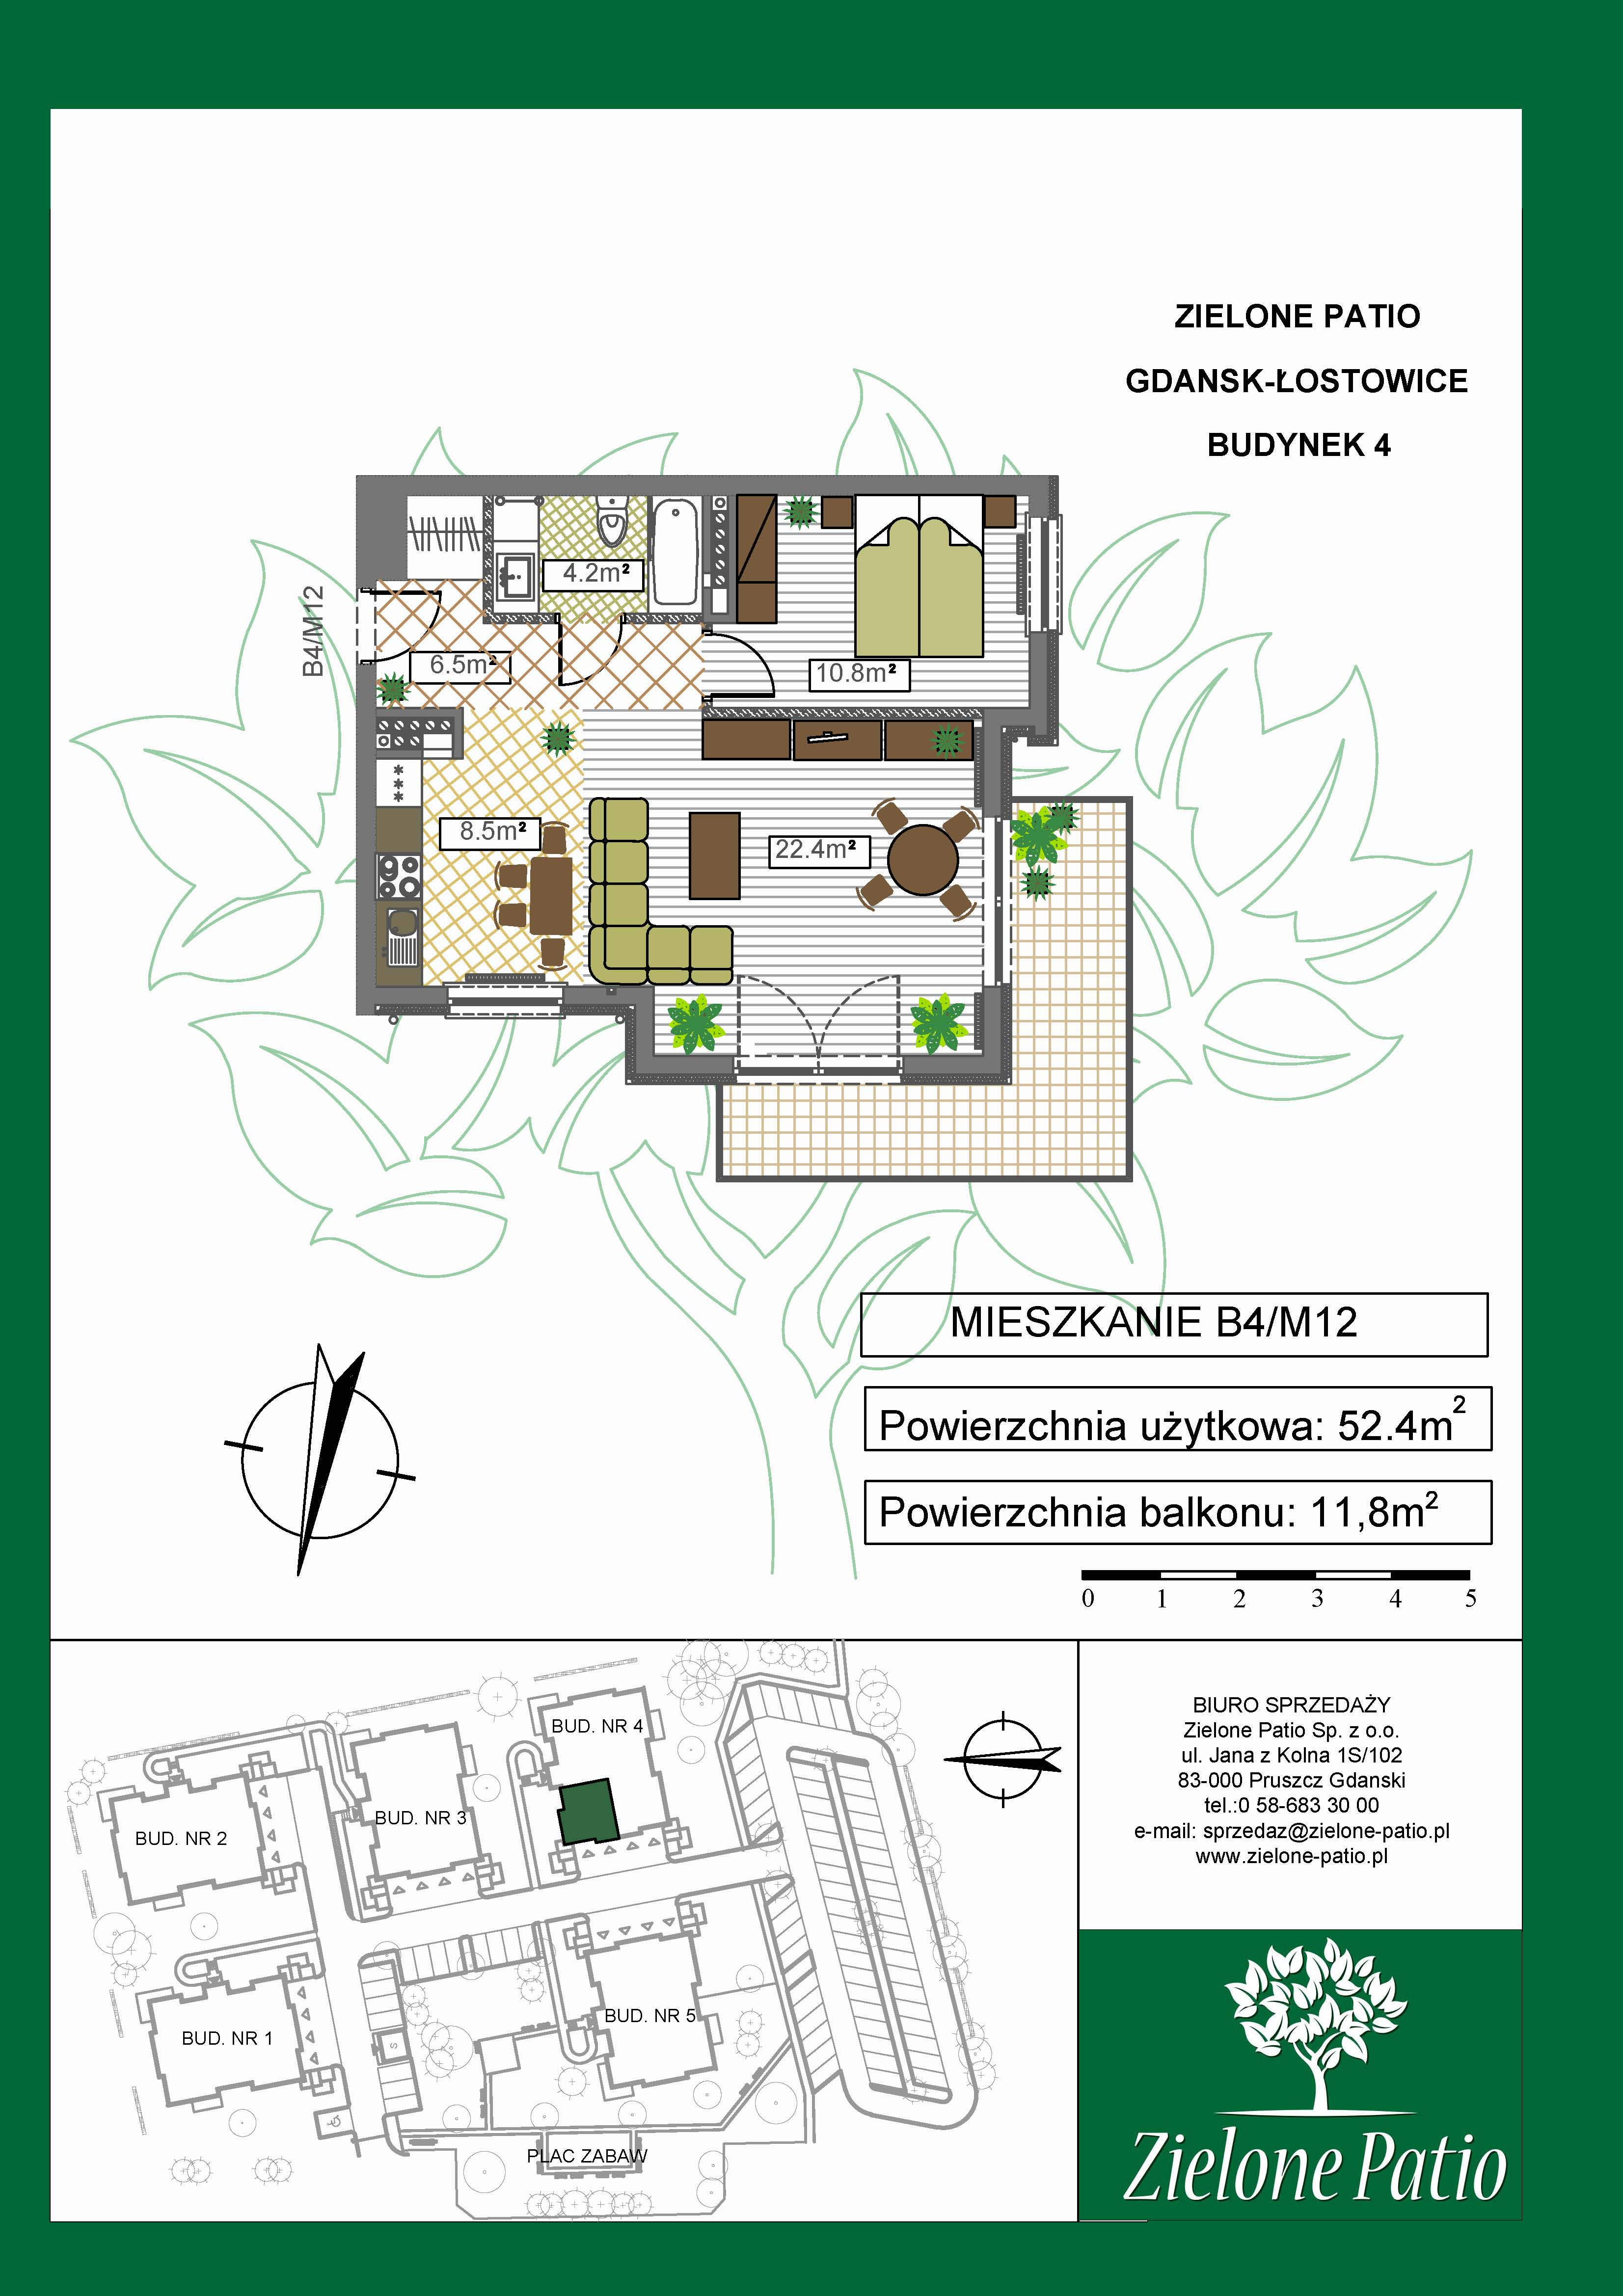 Plan M12 Zielone Patio, Budynek nr 4